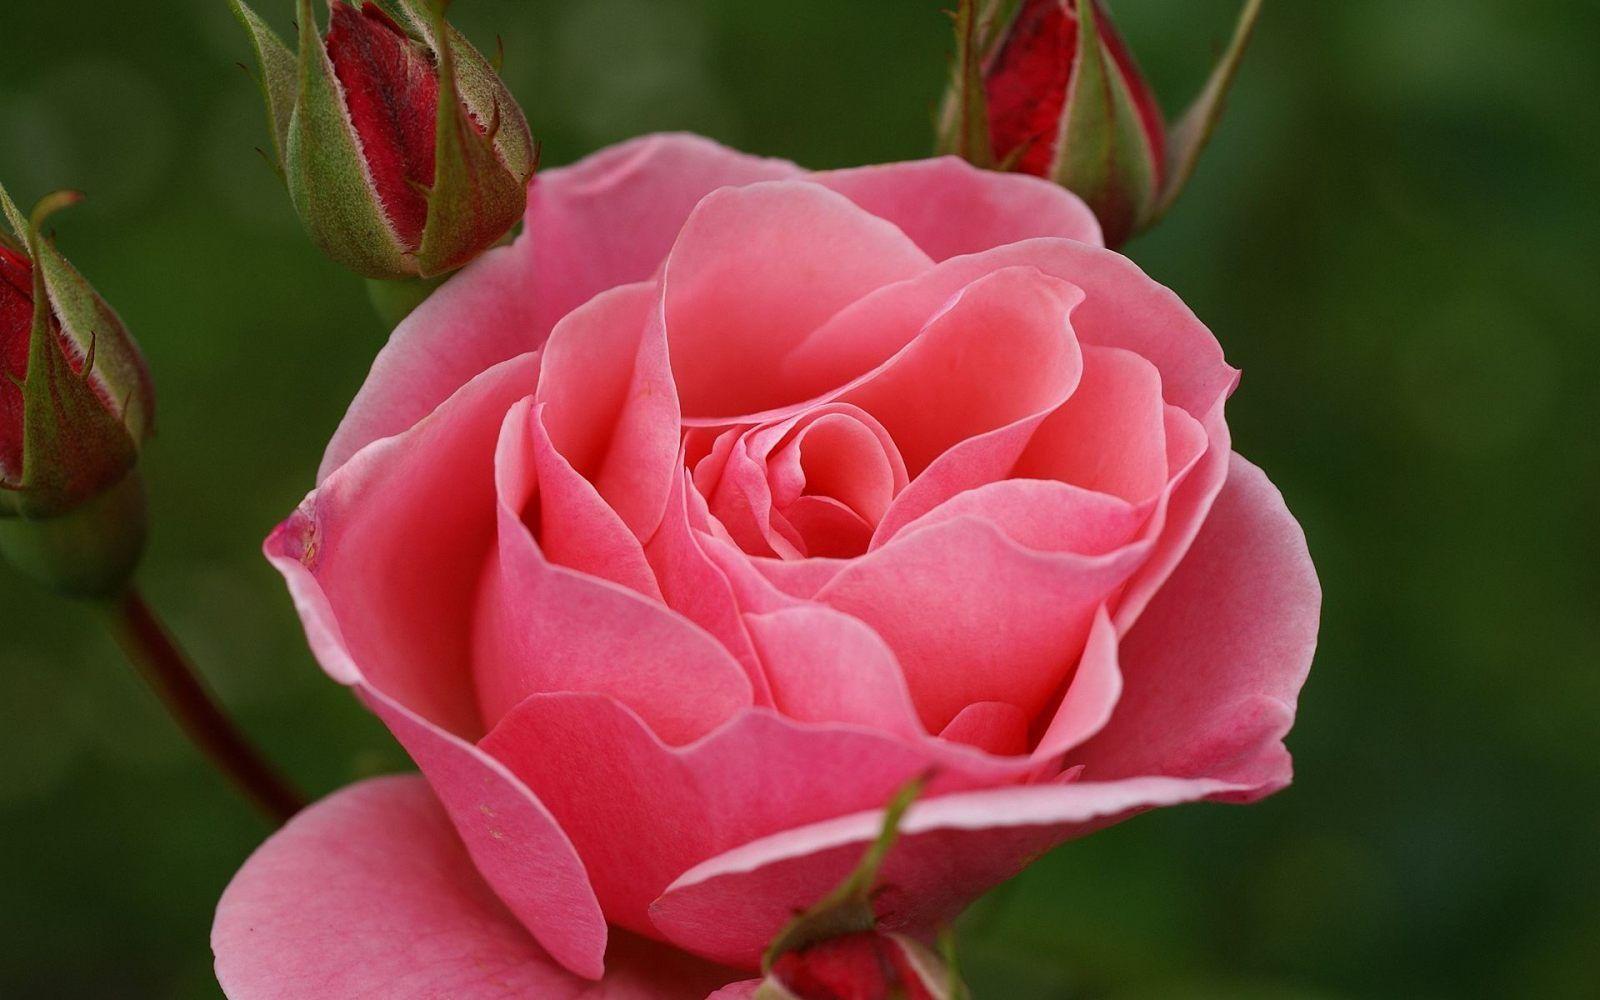 TERCER RAYO DE DIOS! Es la Llama Rosa del Amor, Adoración ...